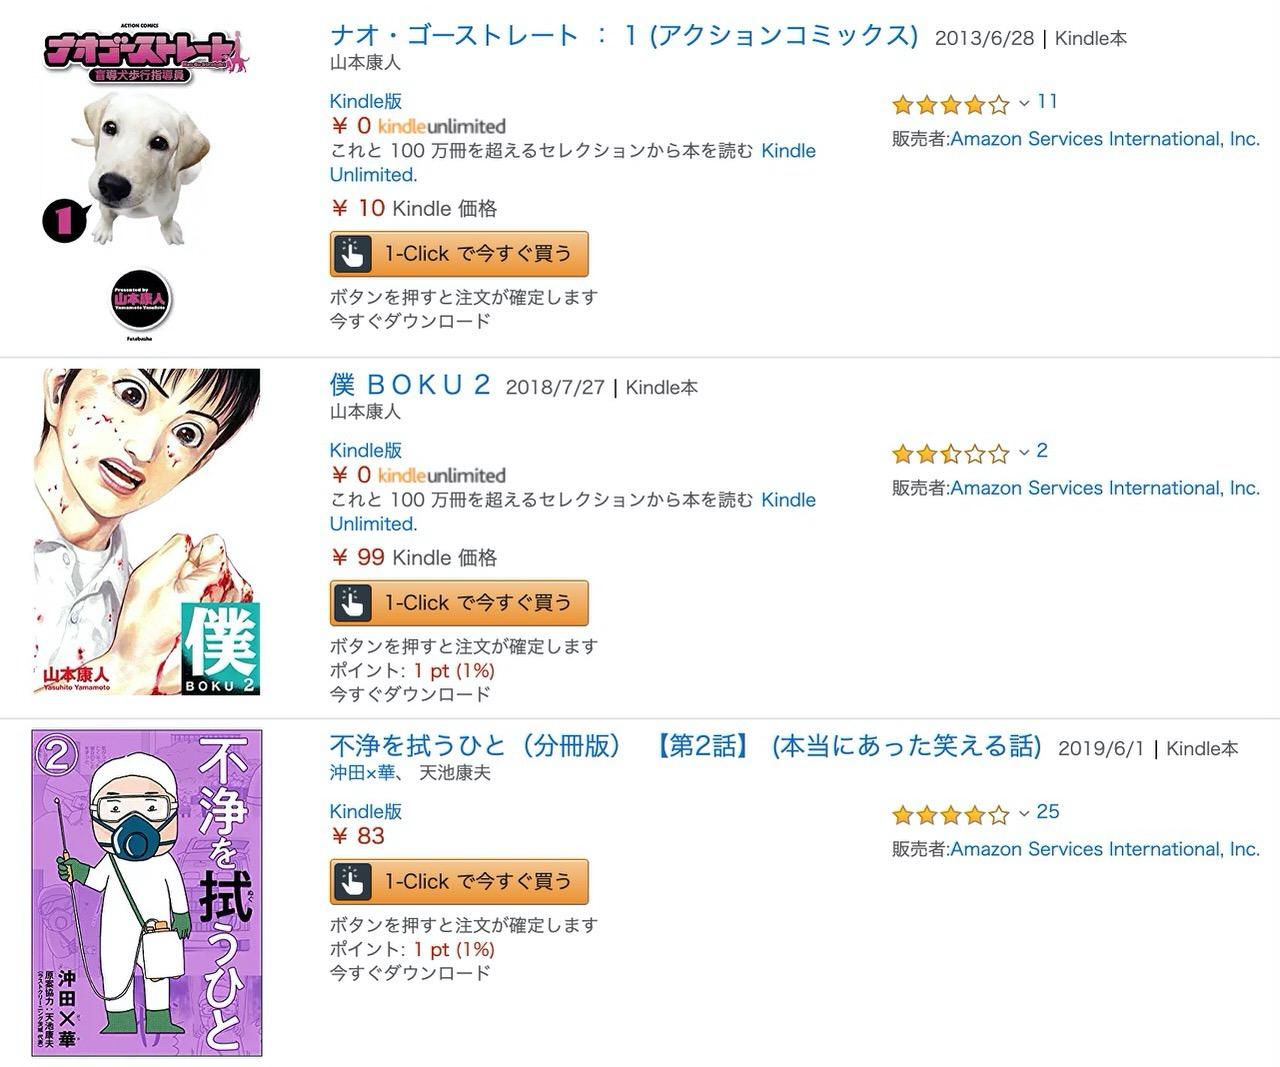 【Kindleセール】1万冊以上が99円に!「Kindle本99円以下セール」開催中(3/18まで)